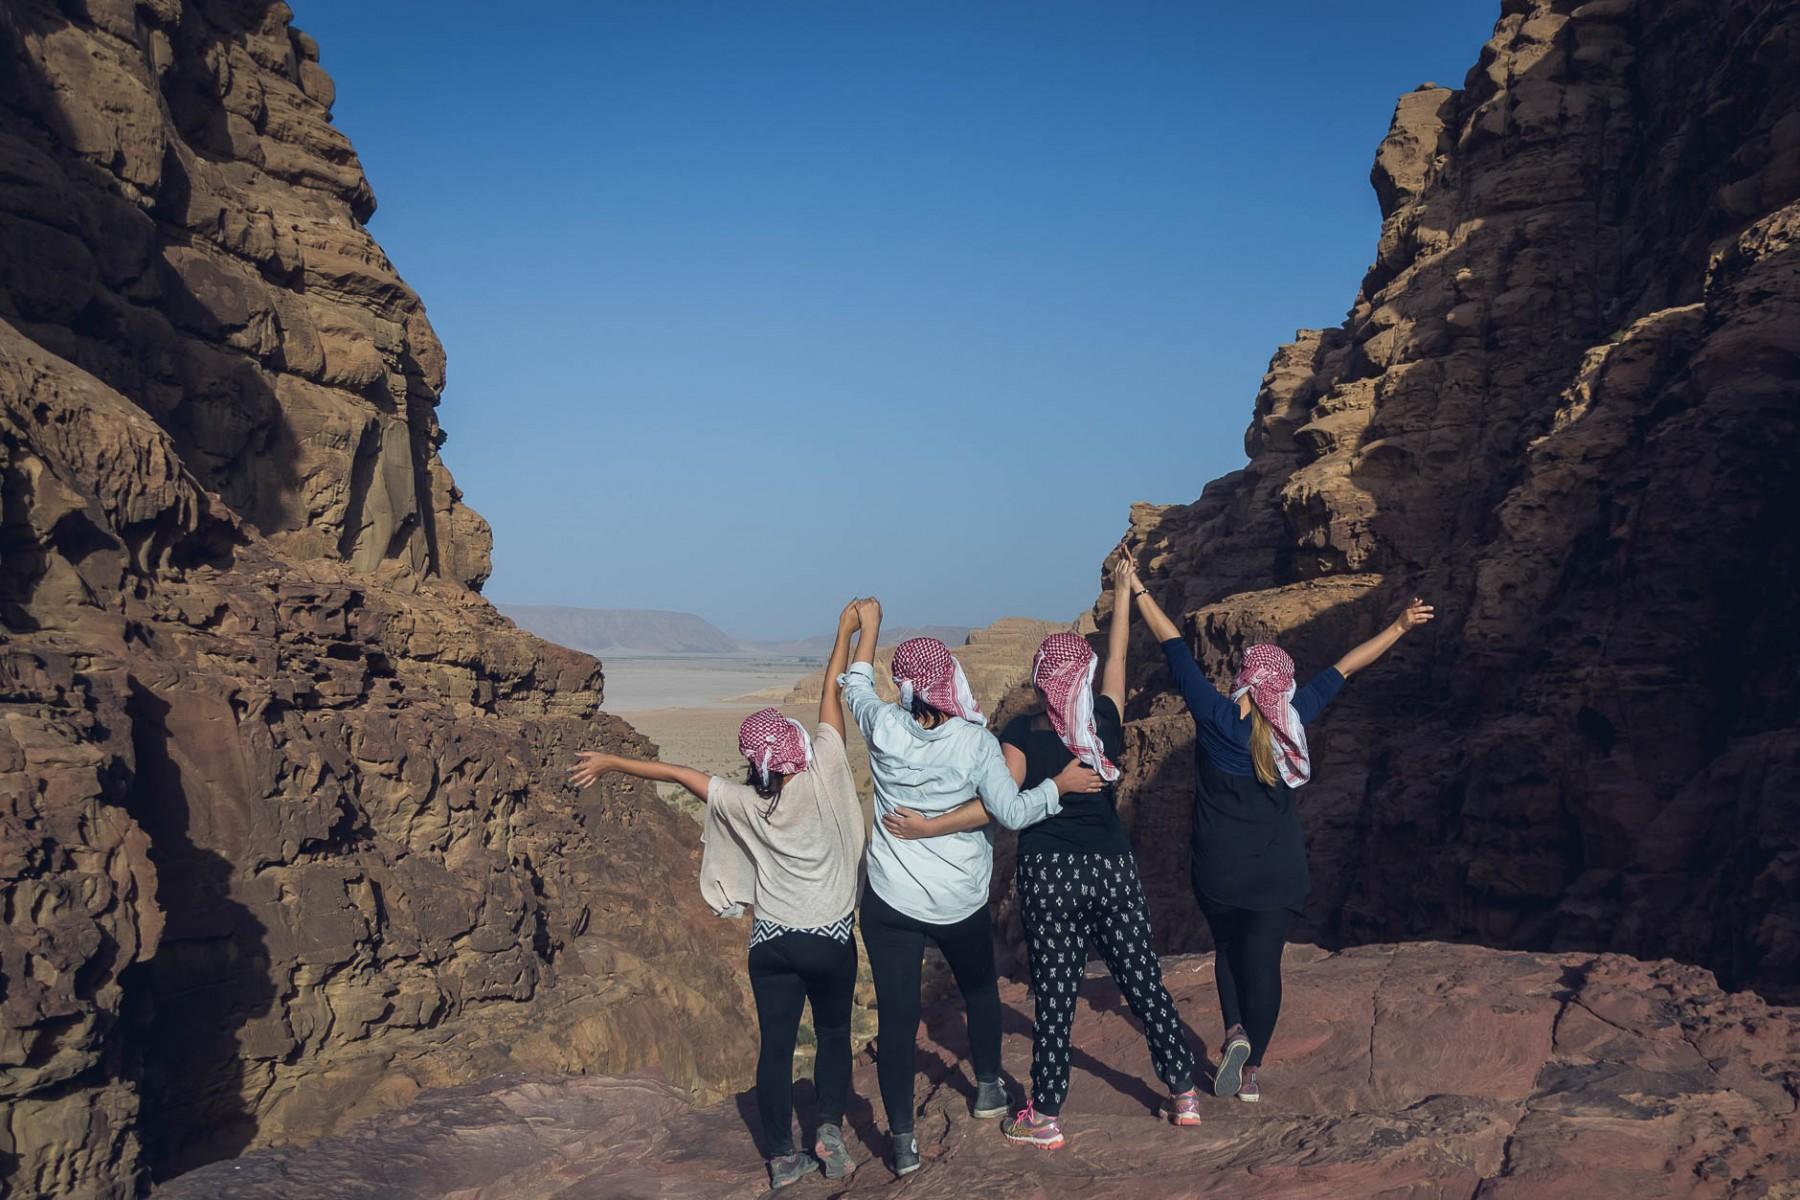 #GirlsGoneJordan in Wadi Rum